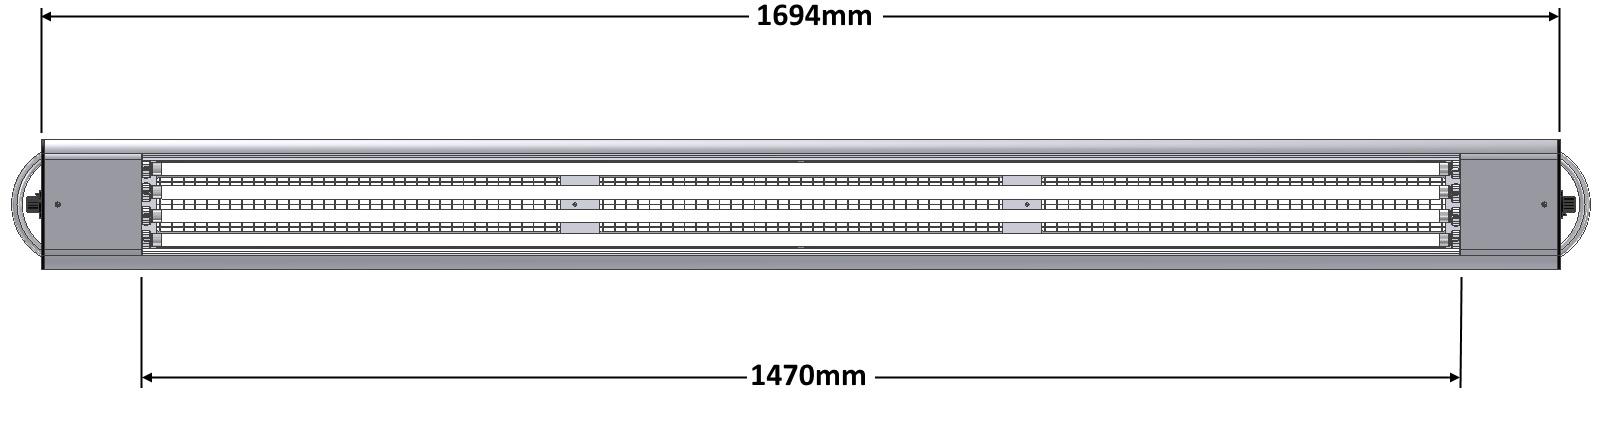 DIALITE XL 4/80 Dim - Arbeitsplatzbeleuchtung - Tageslichtleuchte